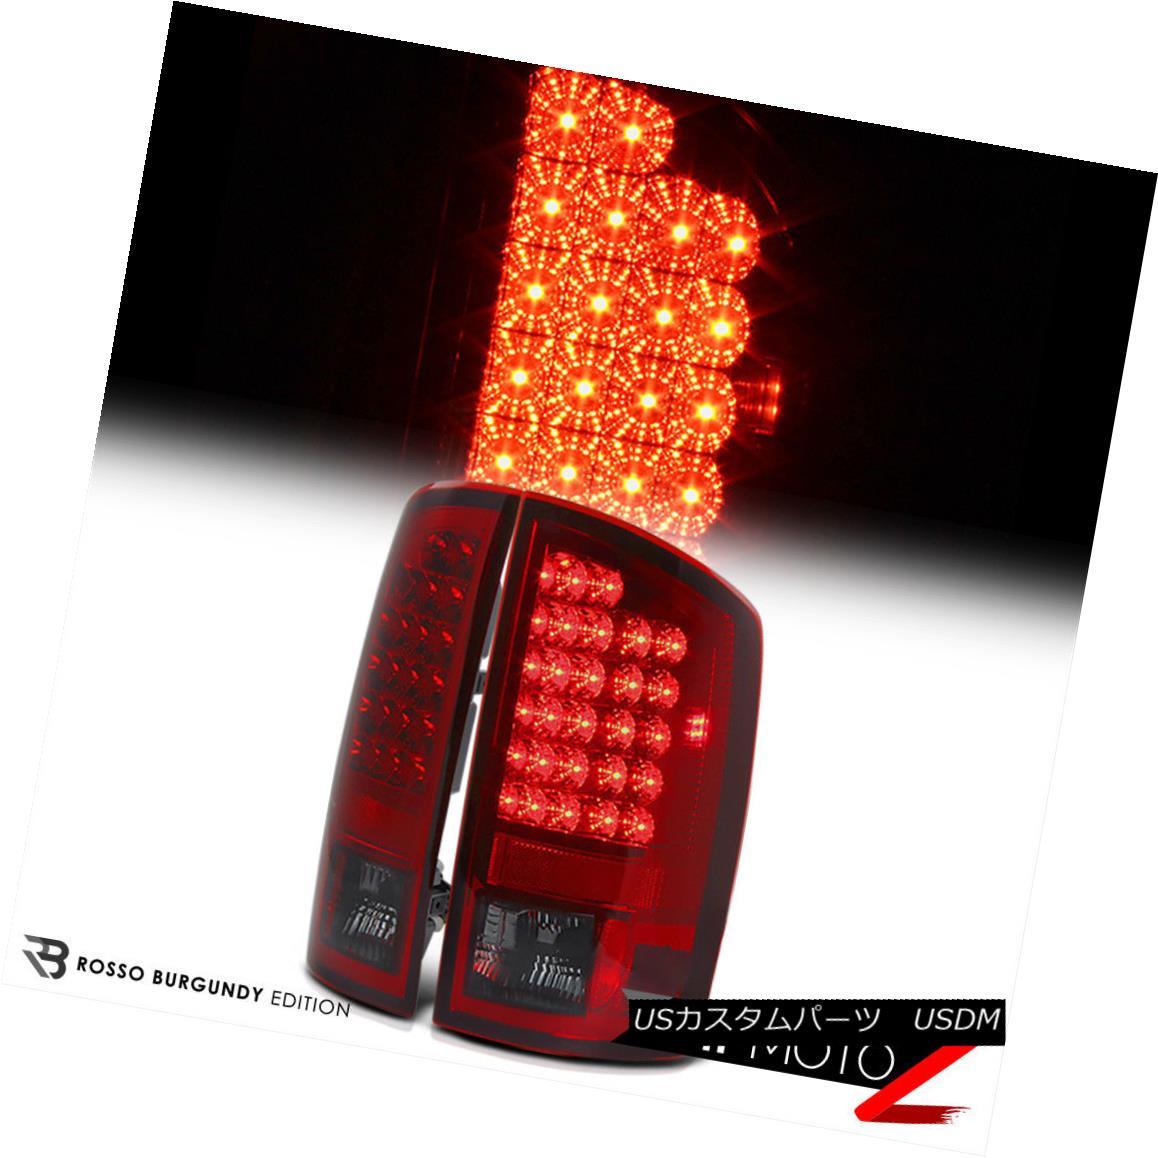 テールライト [PREMIUM] 2002-2006 Dodge Ram 1500 2500 3500 Smoke Wine Red LED Tail Lights Lamp [PREMIUM] 2002-2006 Dodge Ram 1500 2500 3500スモークワインレッドLEDテールライトランプ